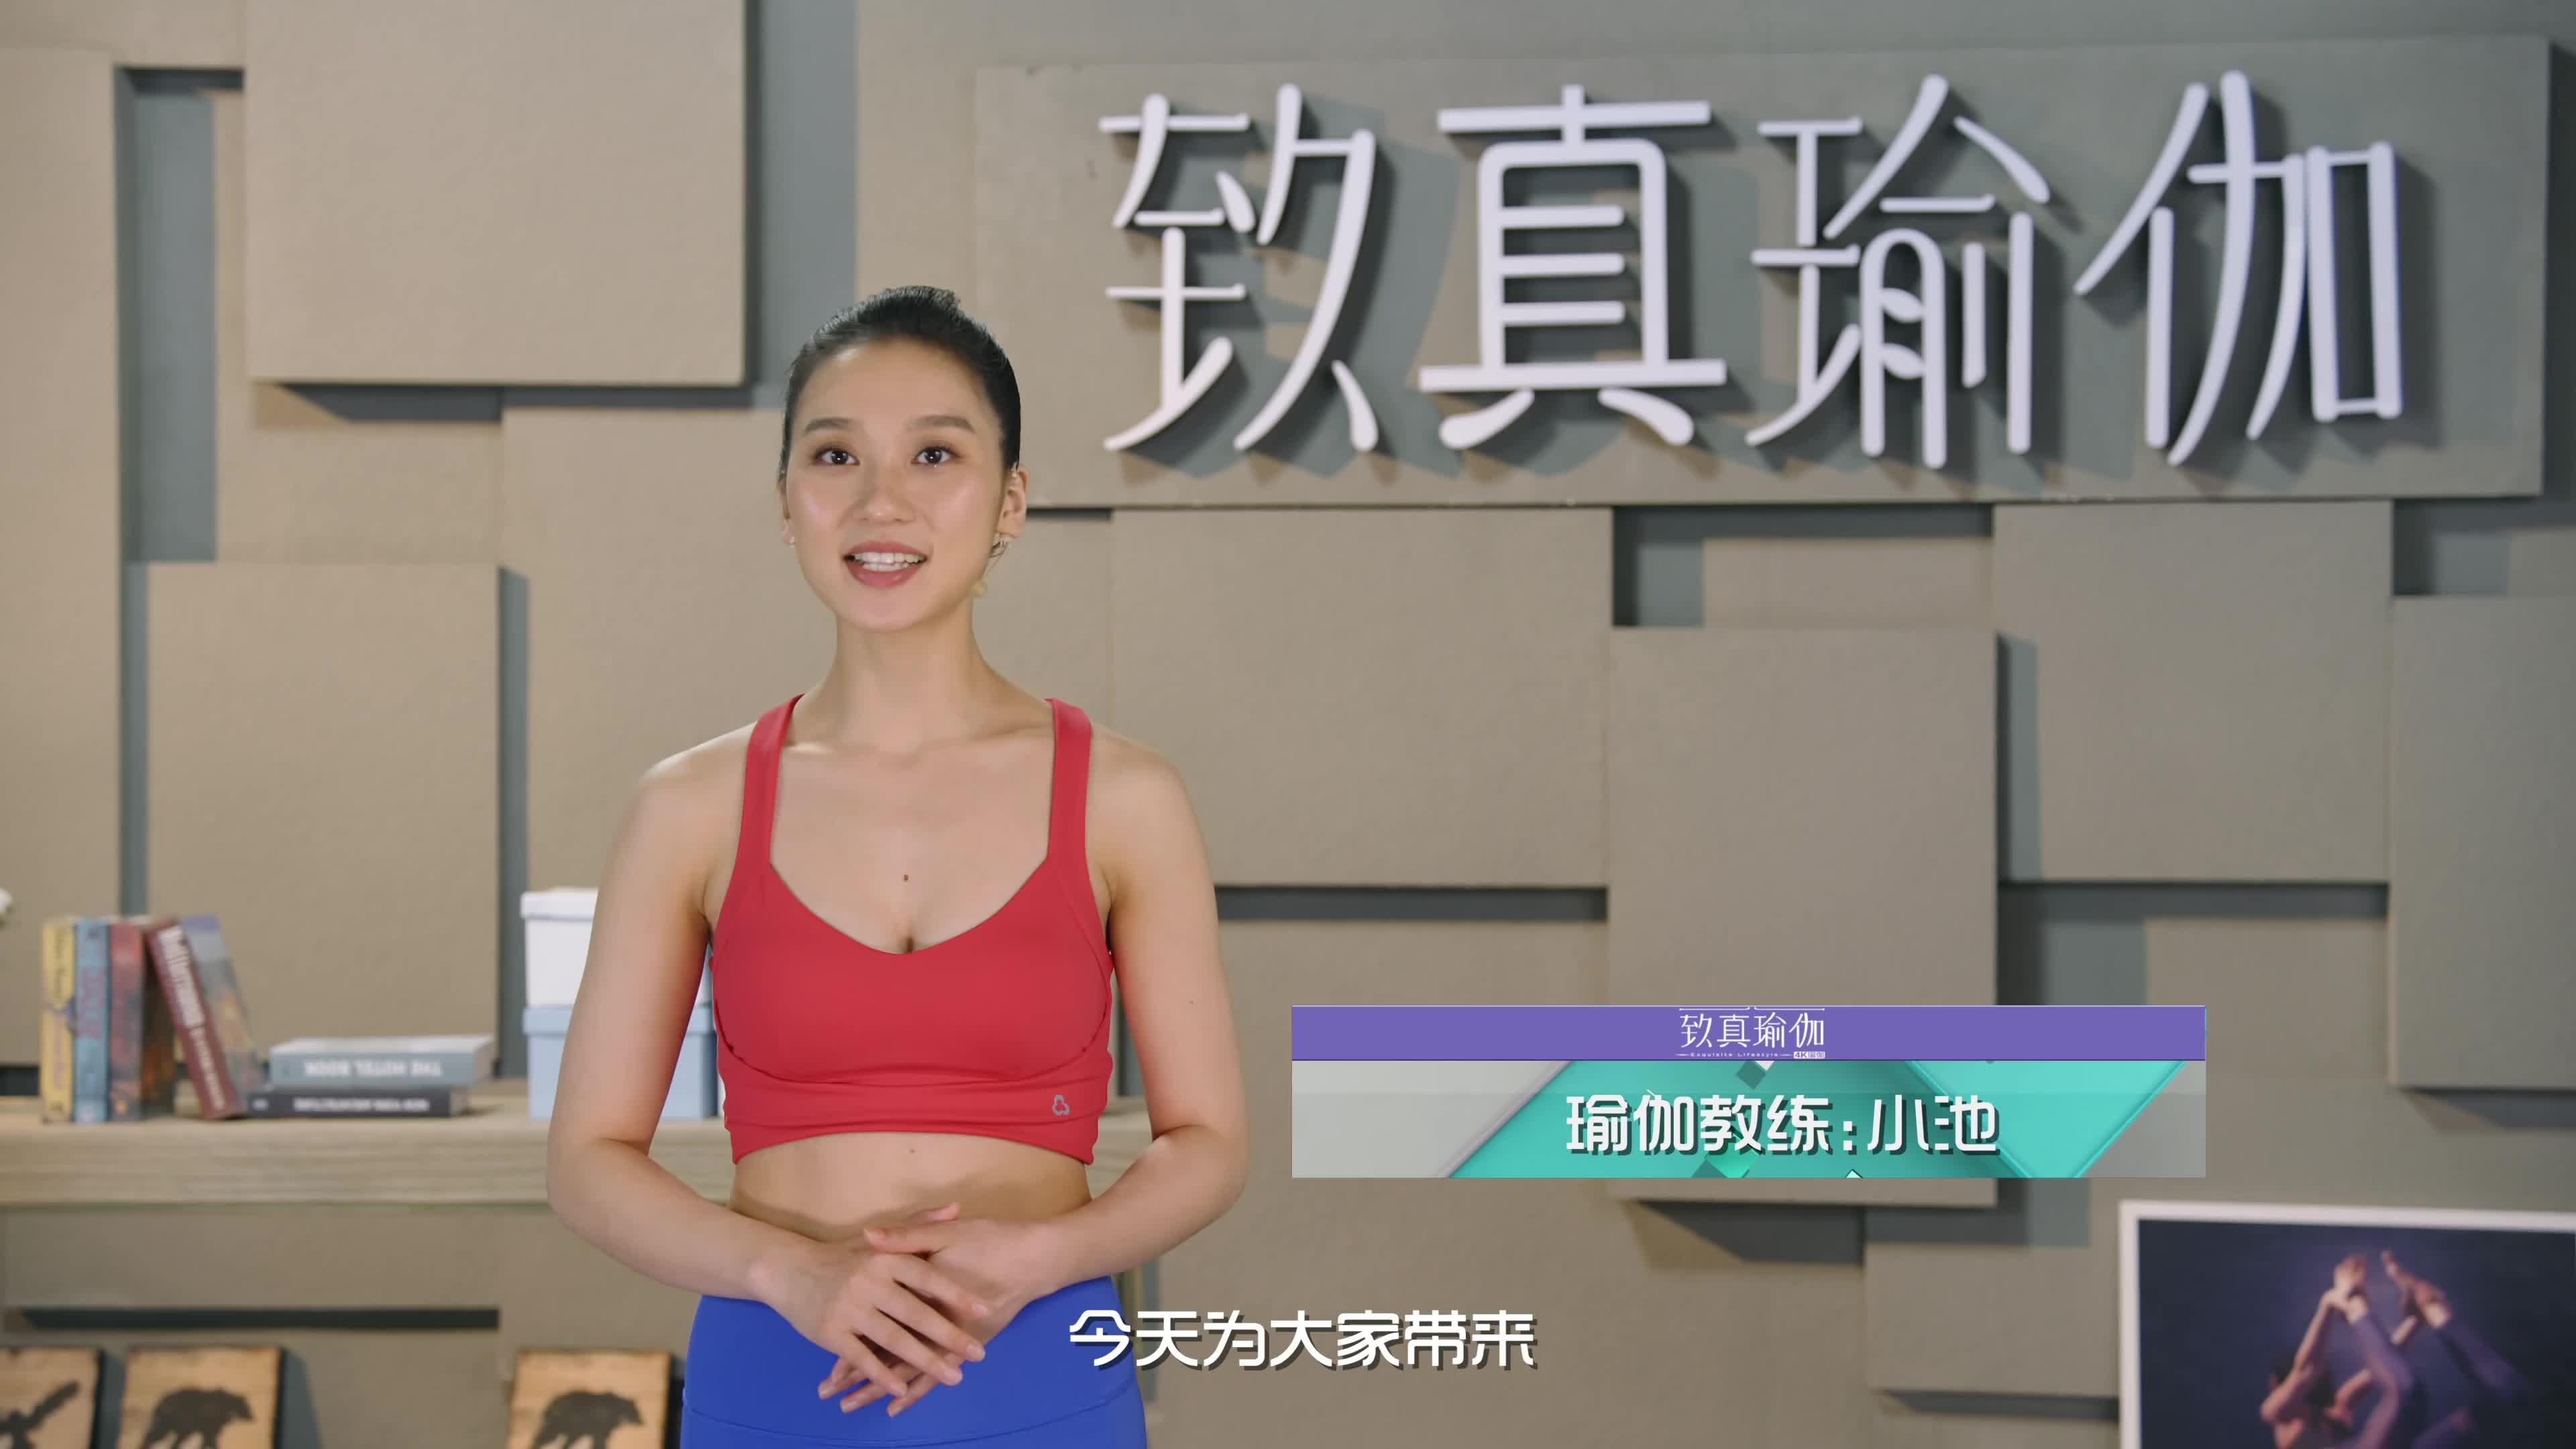 致真瑜伽第13季 系列三十五完美体质打造计划 灵活椎间盘